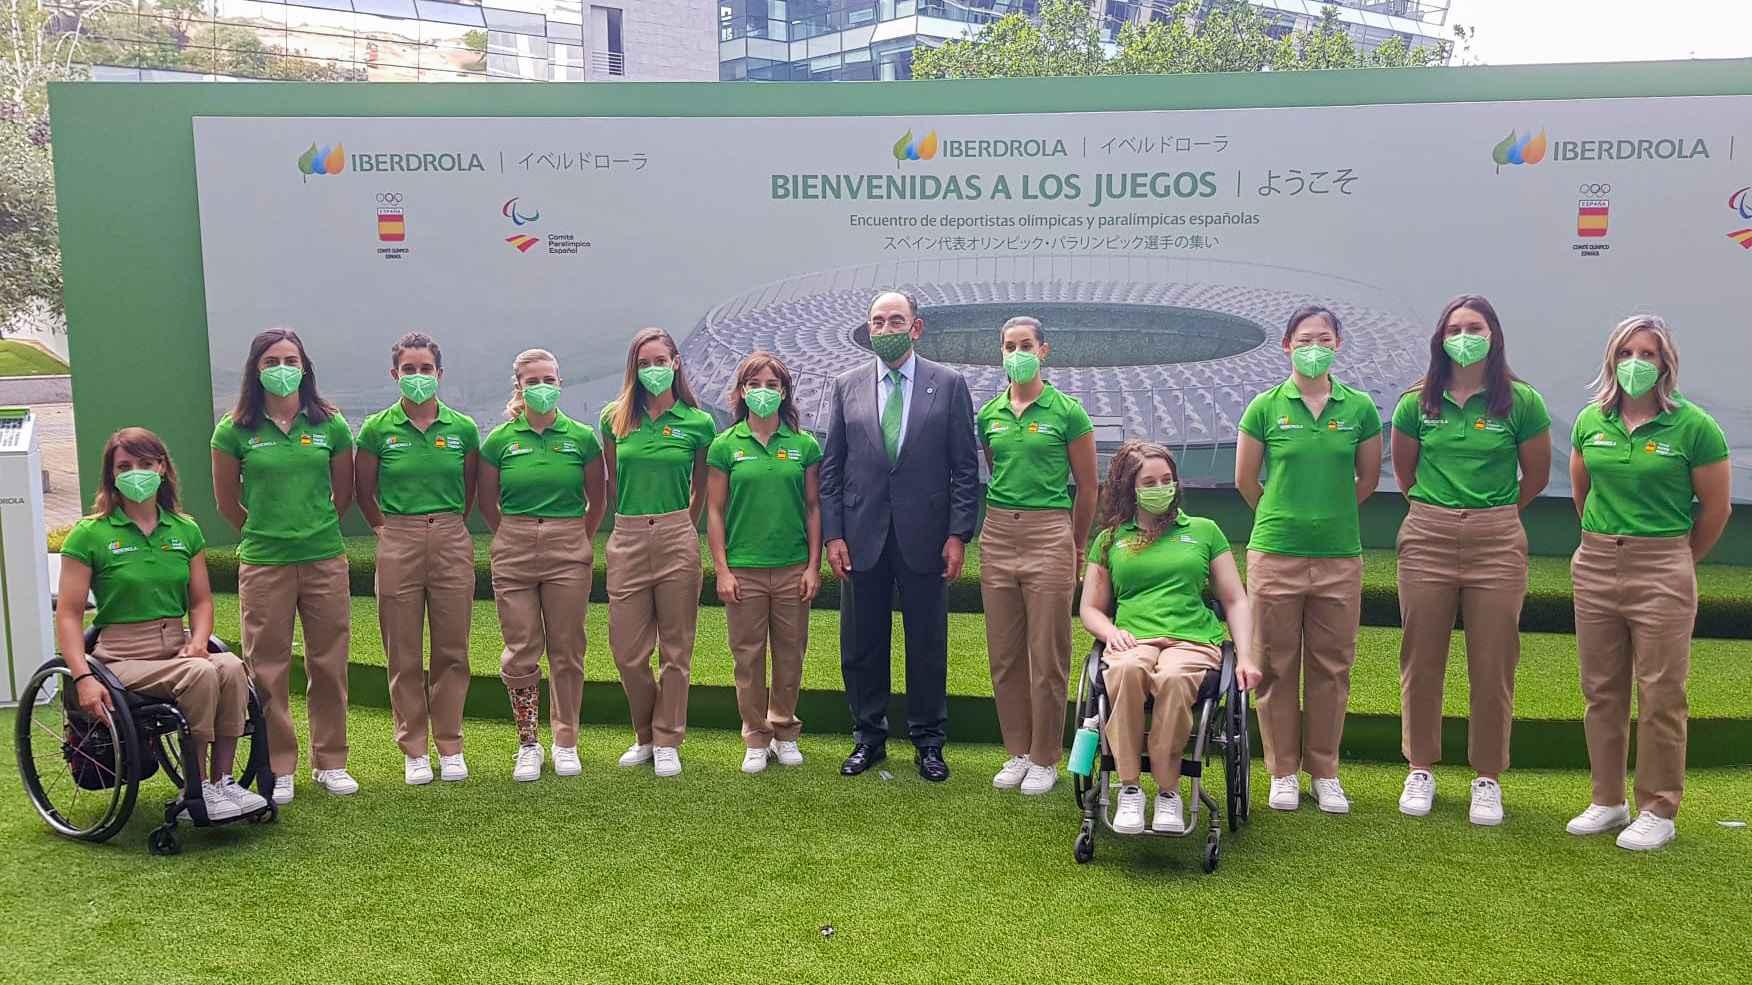 Foto de familia Acto Despedida Deportistas Olímpicas y Paralímpicas de Iberdrola (Foto: Alvaro Diaz)